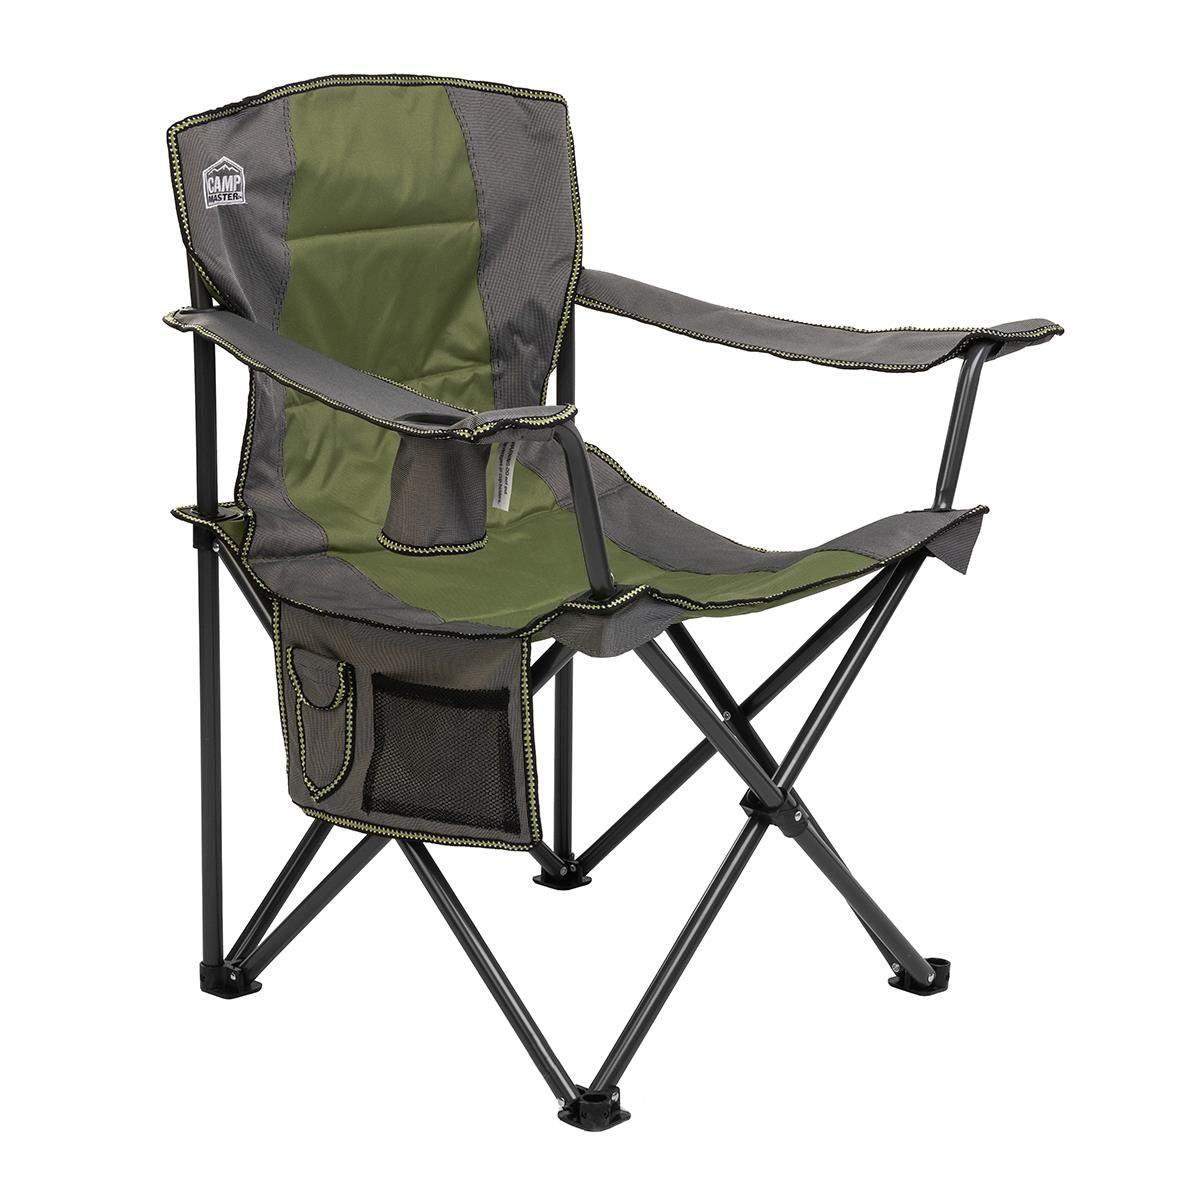 Кресло Premier Fishing PR-MC-347-2 зеленое/серое купить, цены в Москве на goods.ru